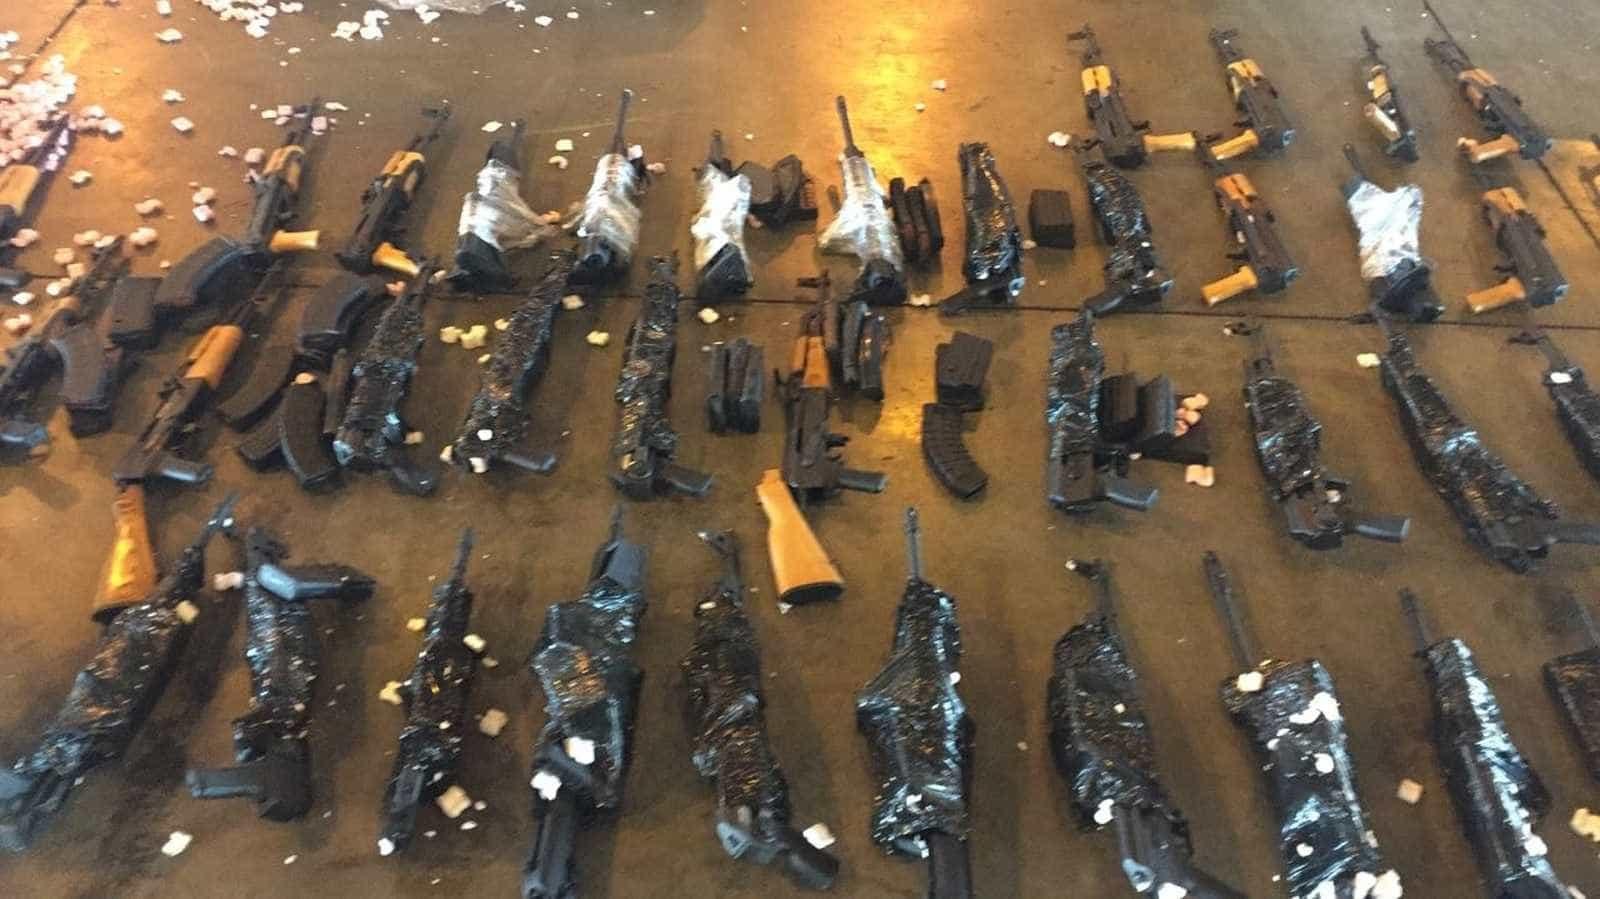 Nos EUA, carioca envia 1,2 mil fuzis e munições para traficantes no Rio